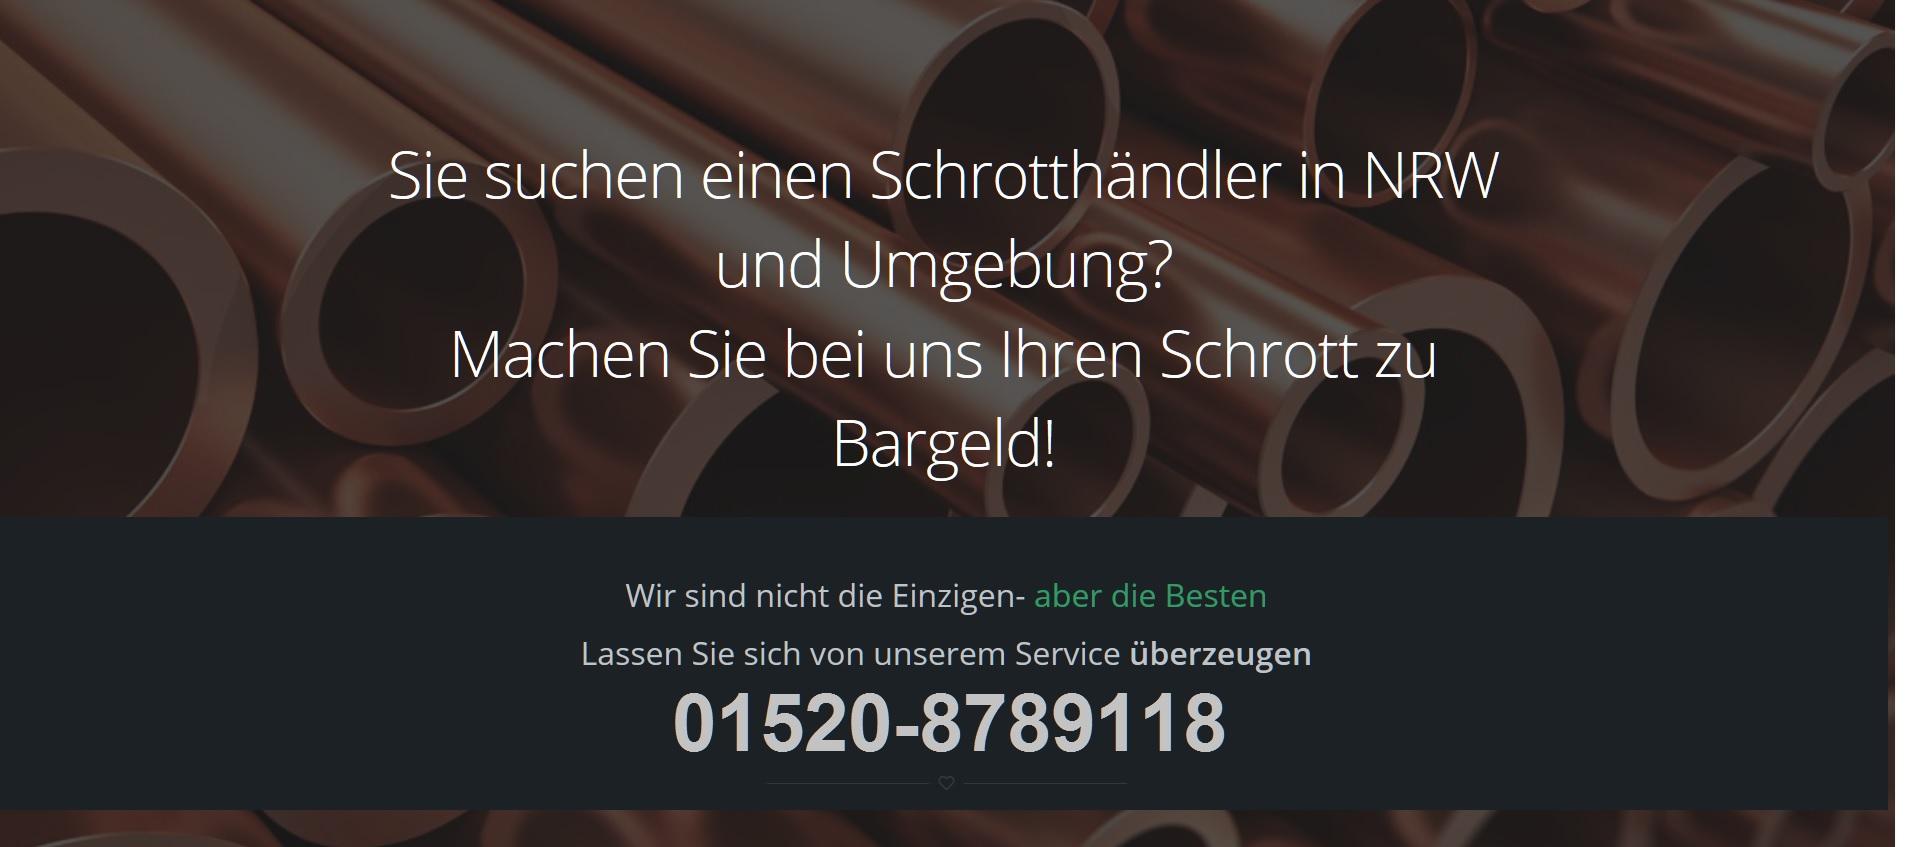 schrottabholung in duesseldorf schrotthaendler nrw - Schrottabholung in Düsseldorf – Schrotthändler NRW